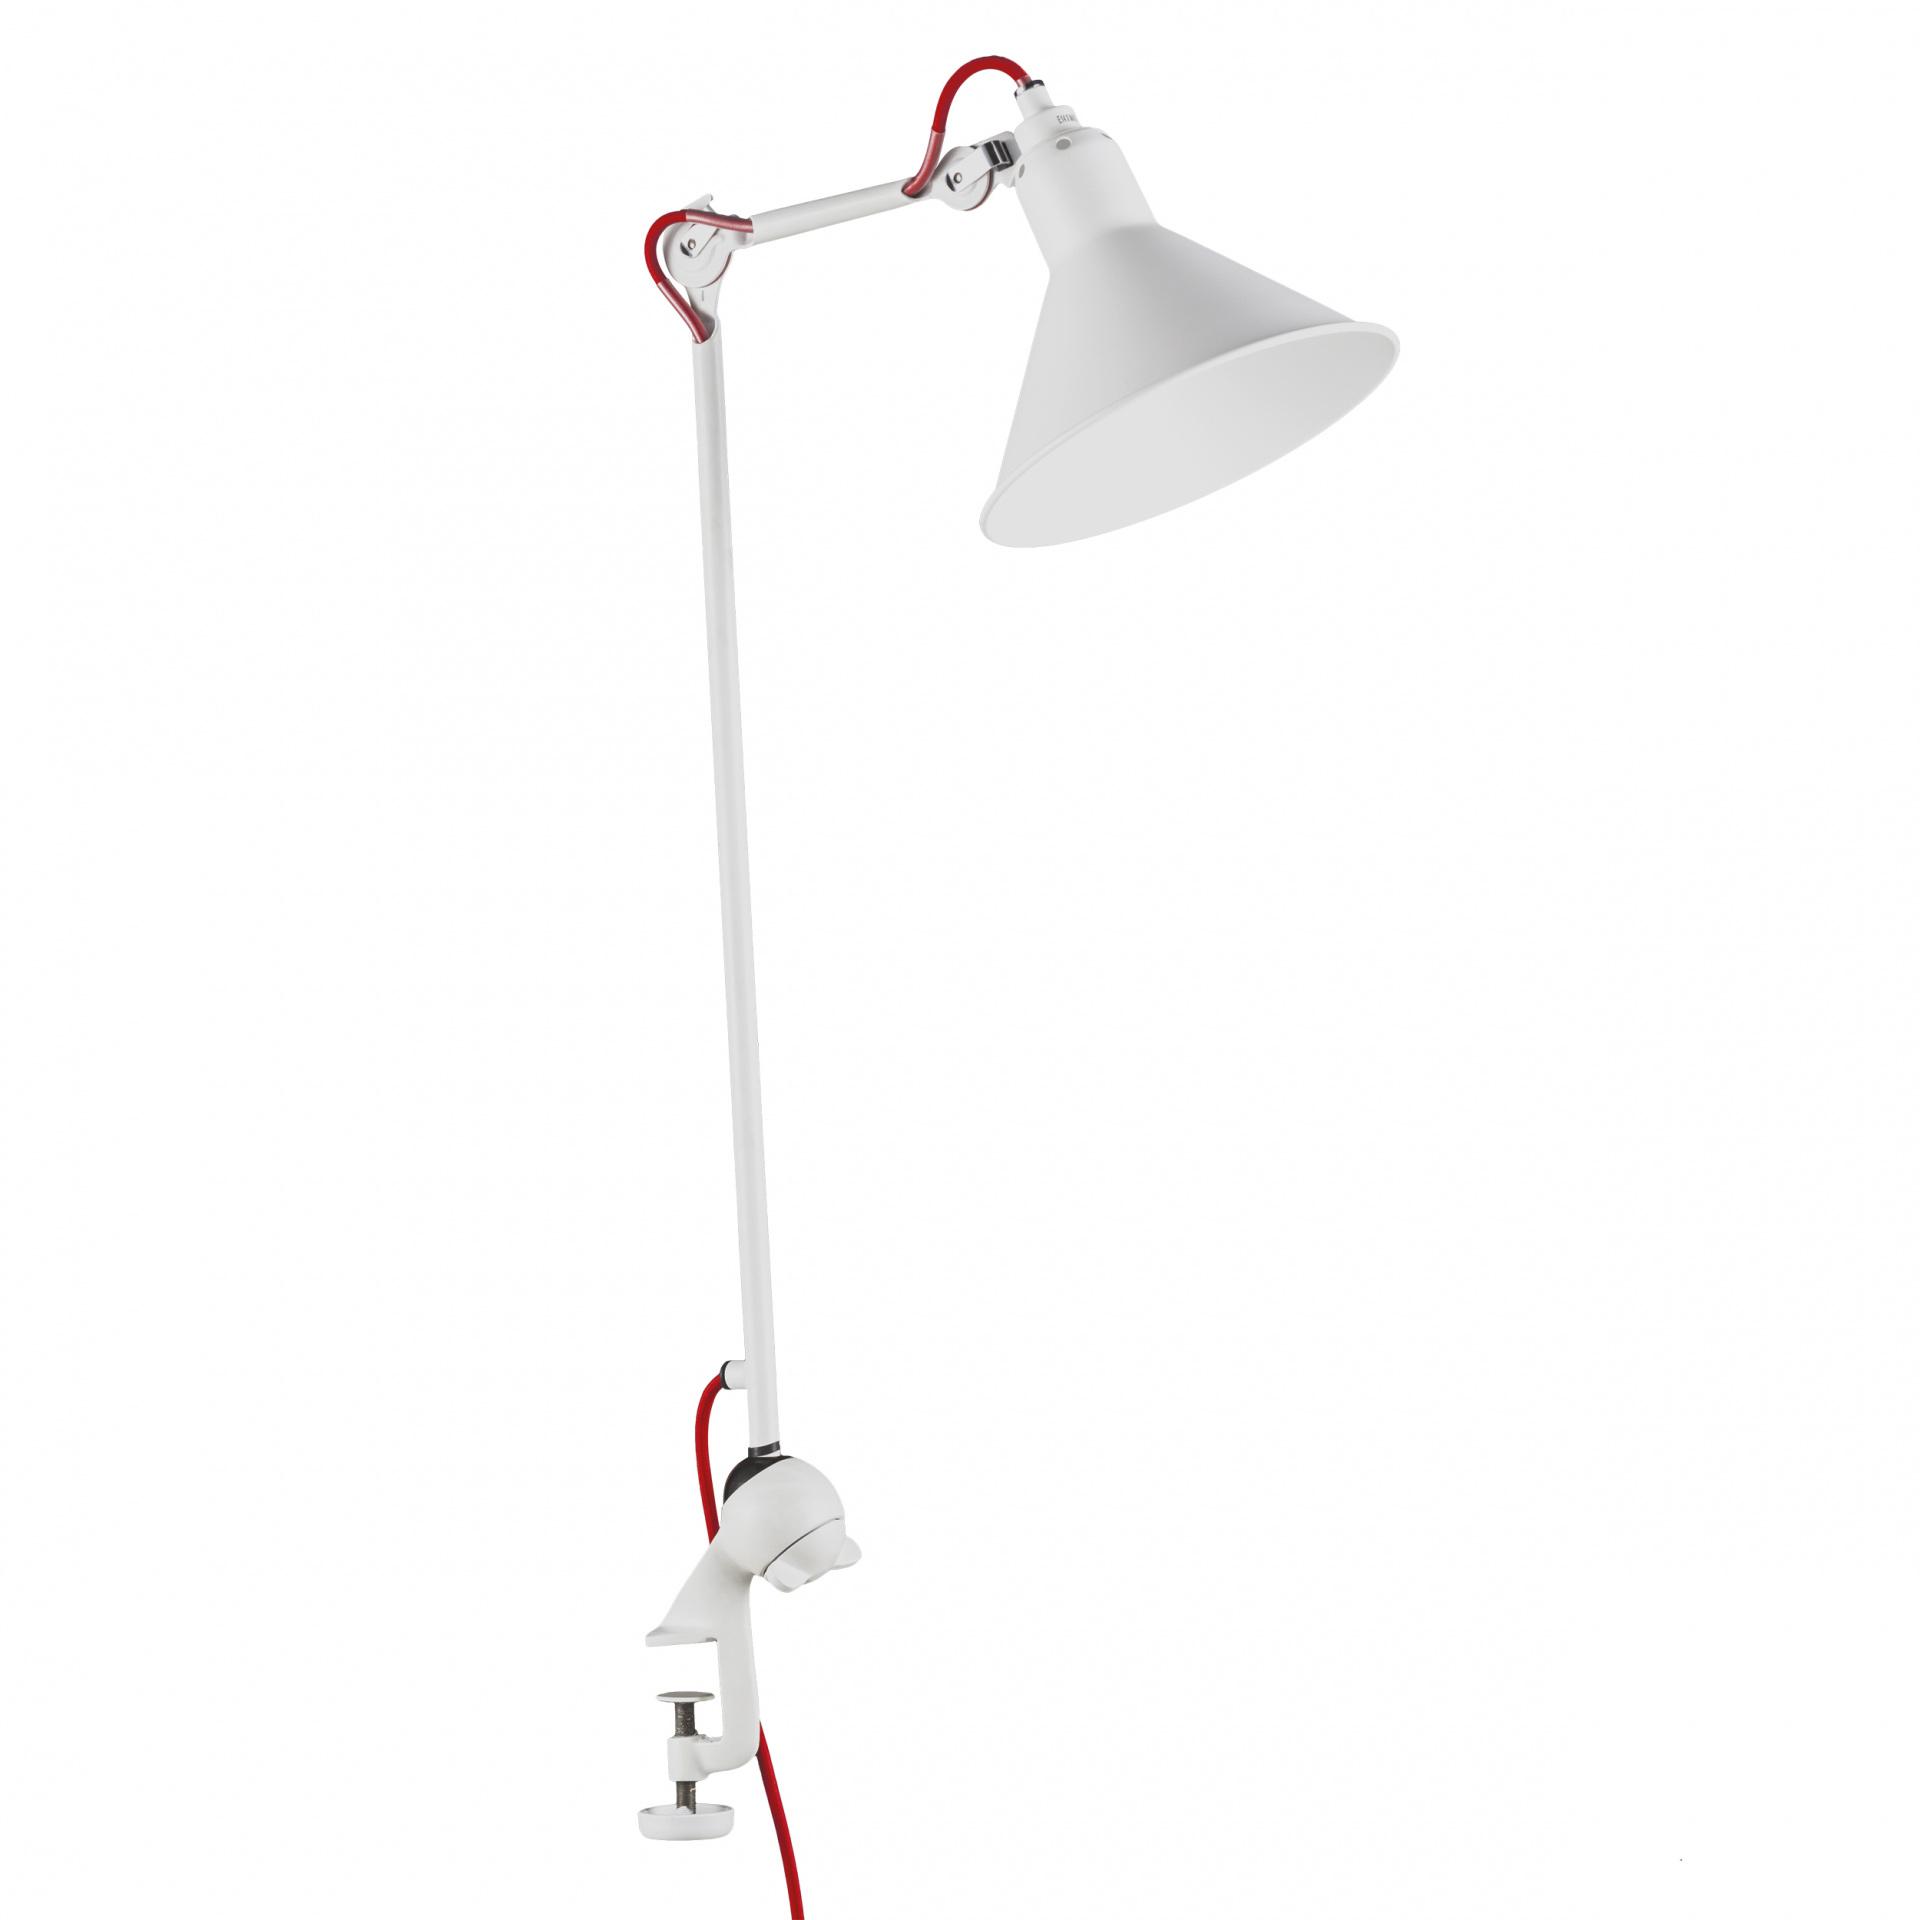 Настольная лампа Loft 1х40W E14 белый Lightstar 765926, купить в СПб, Москве, с доставкой, Санкт-Петербург, интернет-магазин люстр и светильников Starlight, фото в жизни